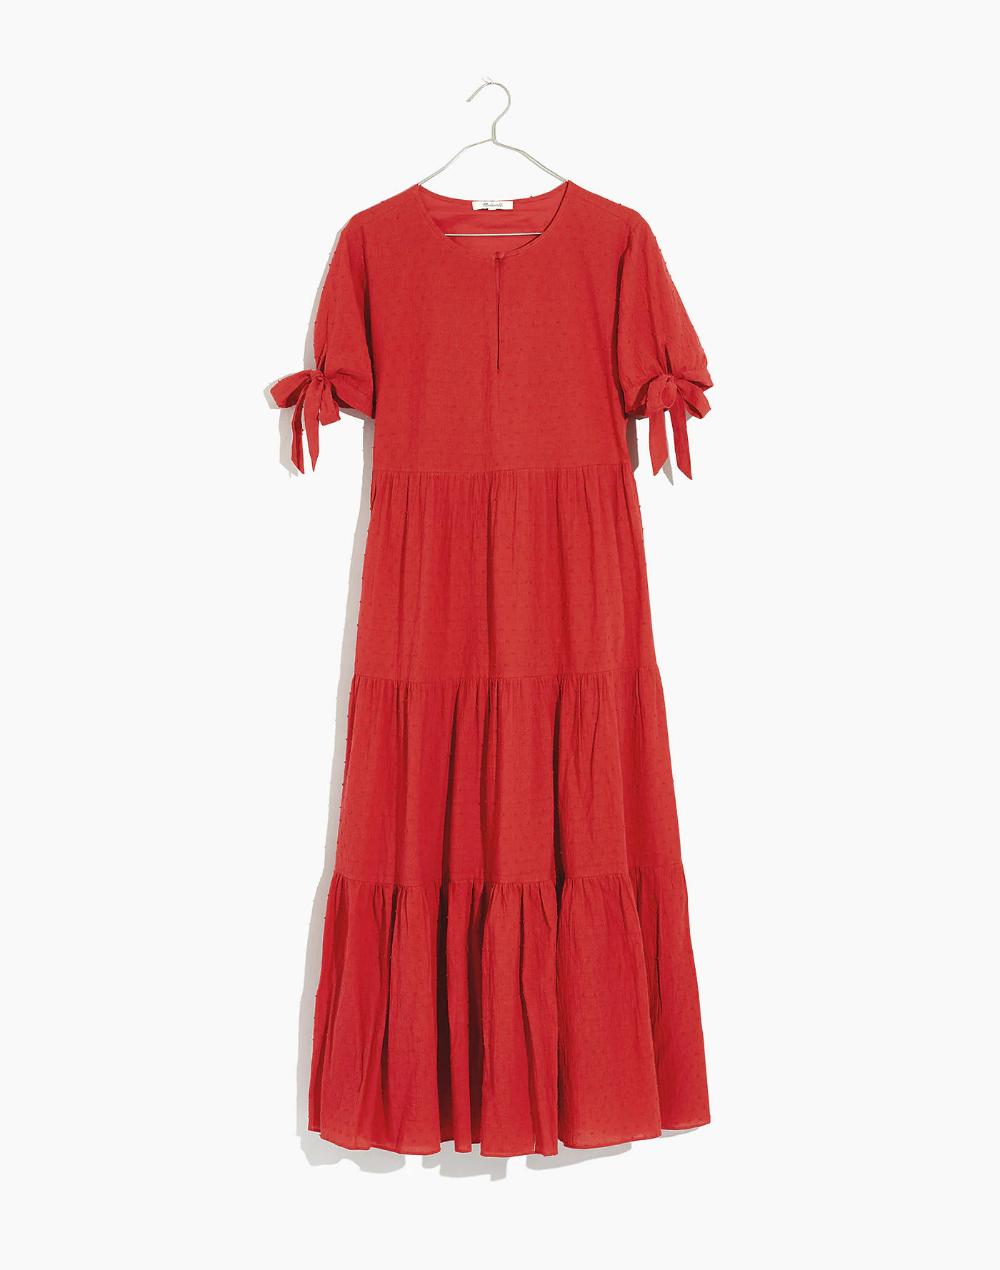 Tie Sleeve Tiered Midi Dress In Swiss Dot Midi Dress Dresses Tie Sleeve [ 1270 x 1000 Pixel ]